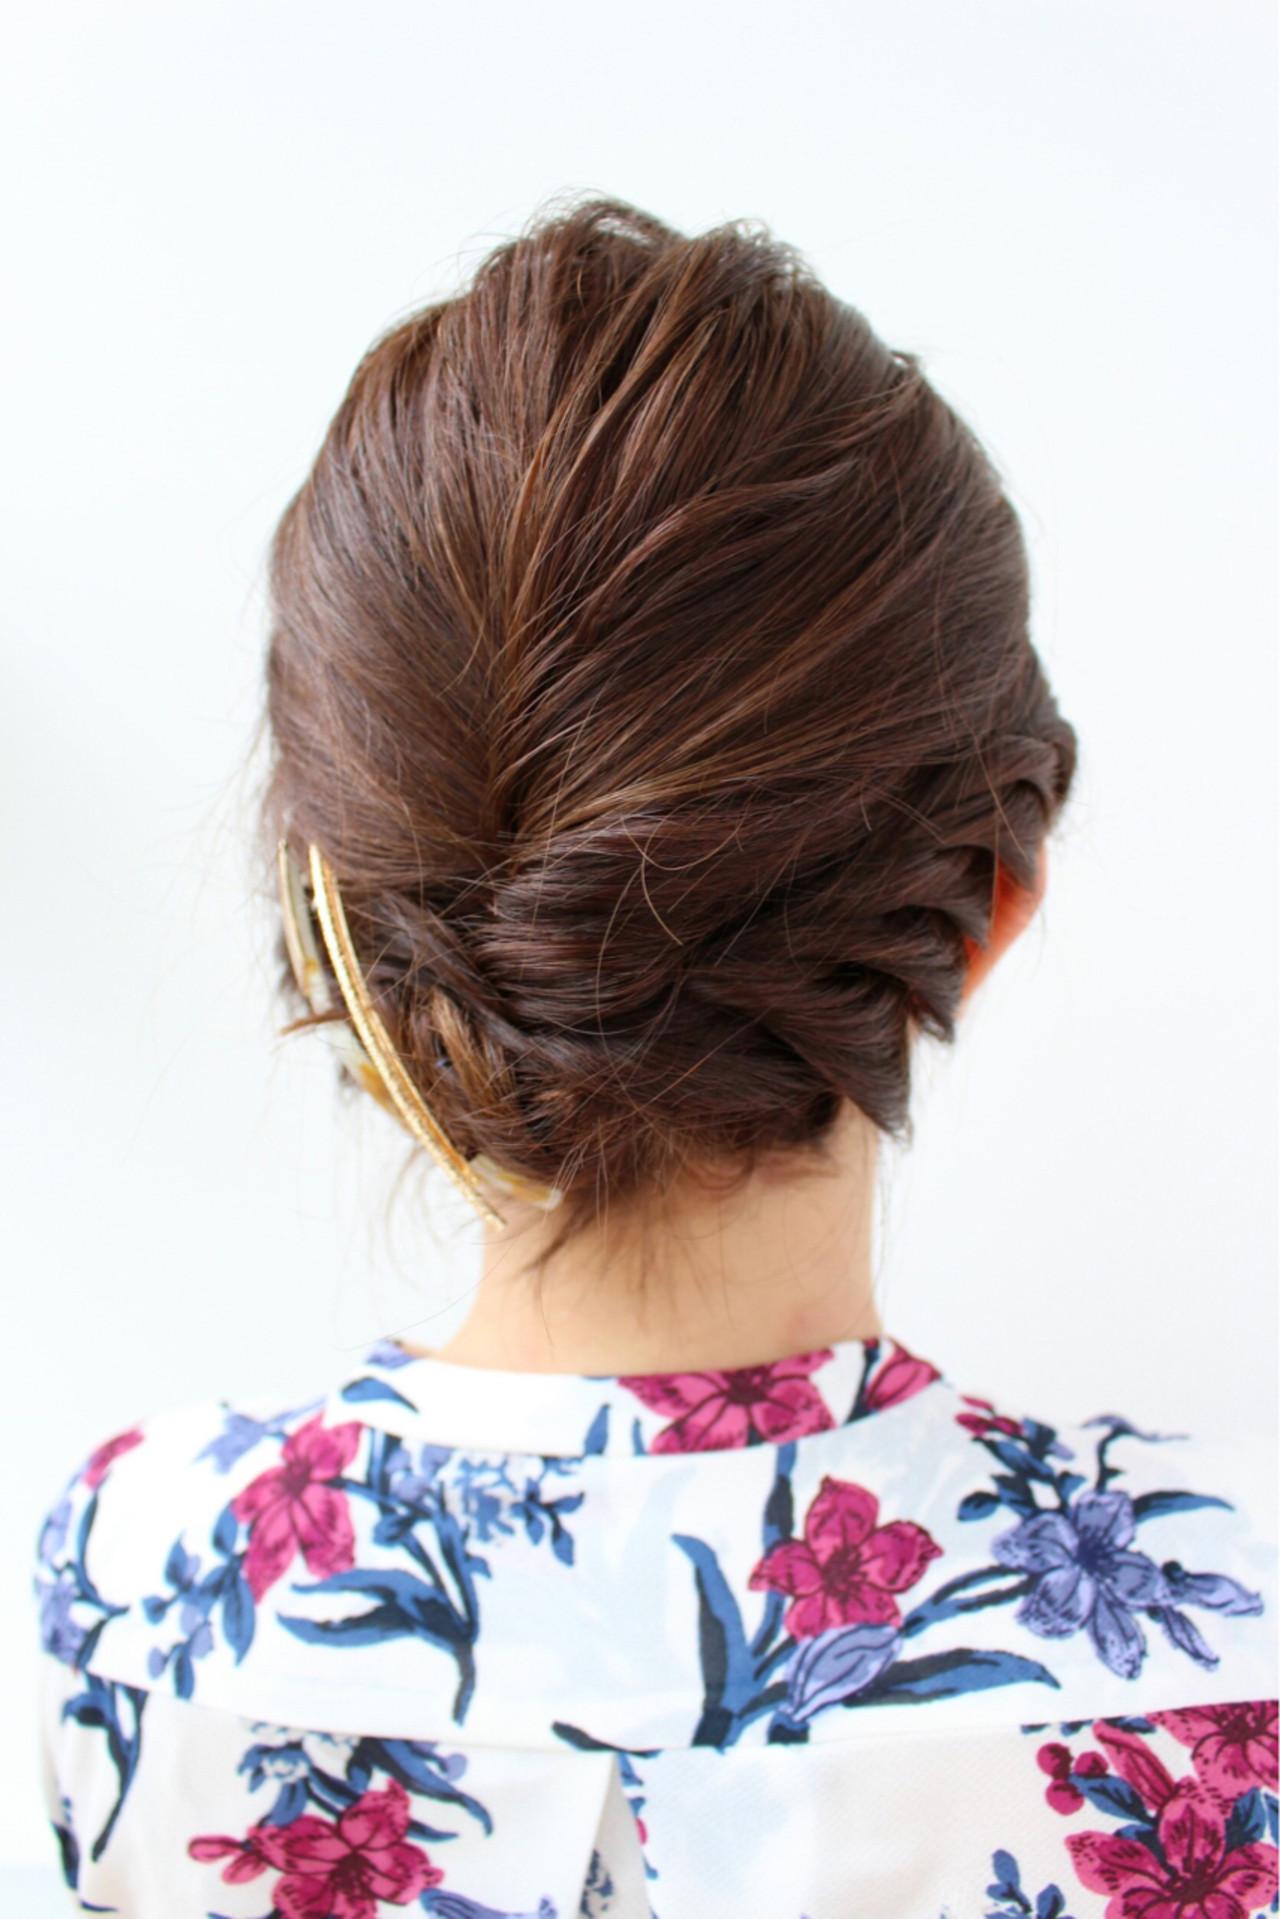 ヘアアレンジ ボブ 結婚式 エレガント ヘアスタイルや髪型の写真・画像 | 三上 奈巳 / Spin hair 烏丸店